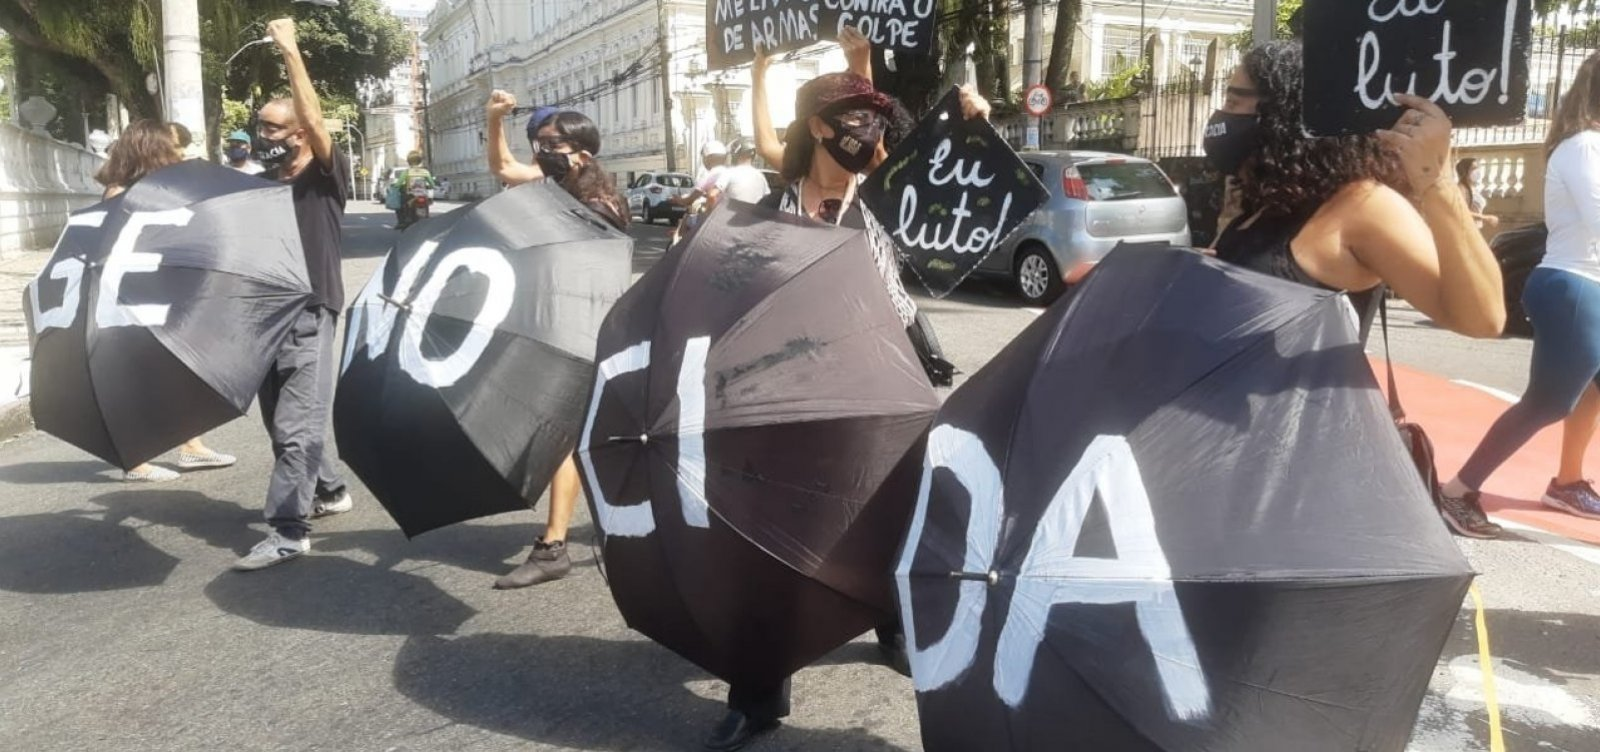 Bolsonaro precisa ser responsabilizado, diz líder de manifestações que pedem  impeachment do presidente